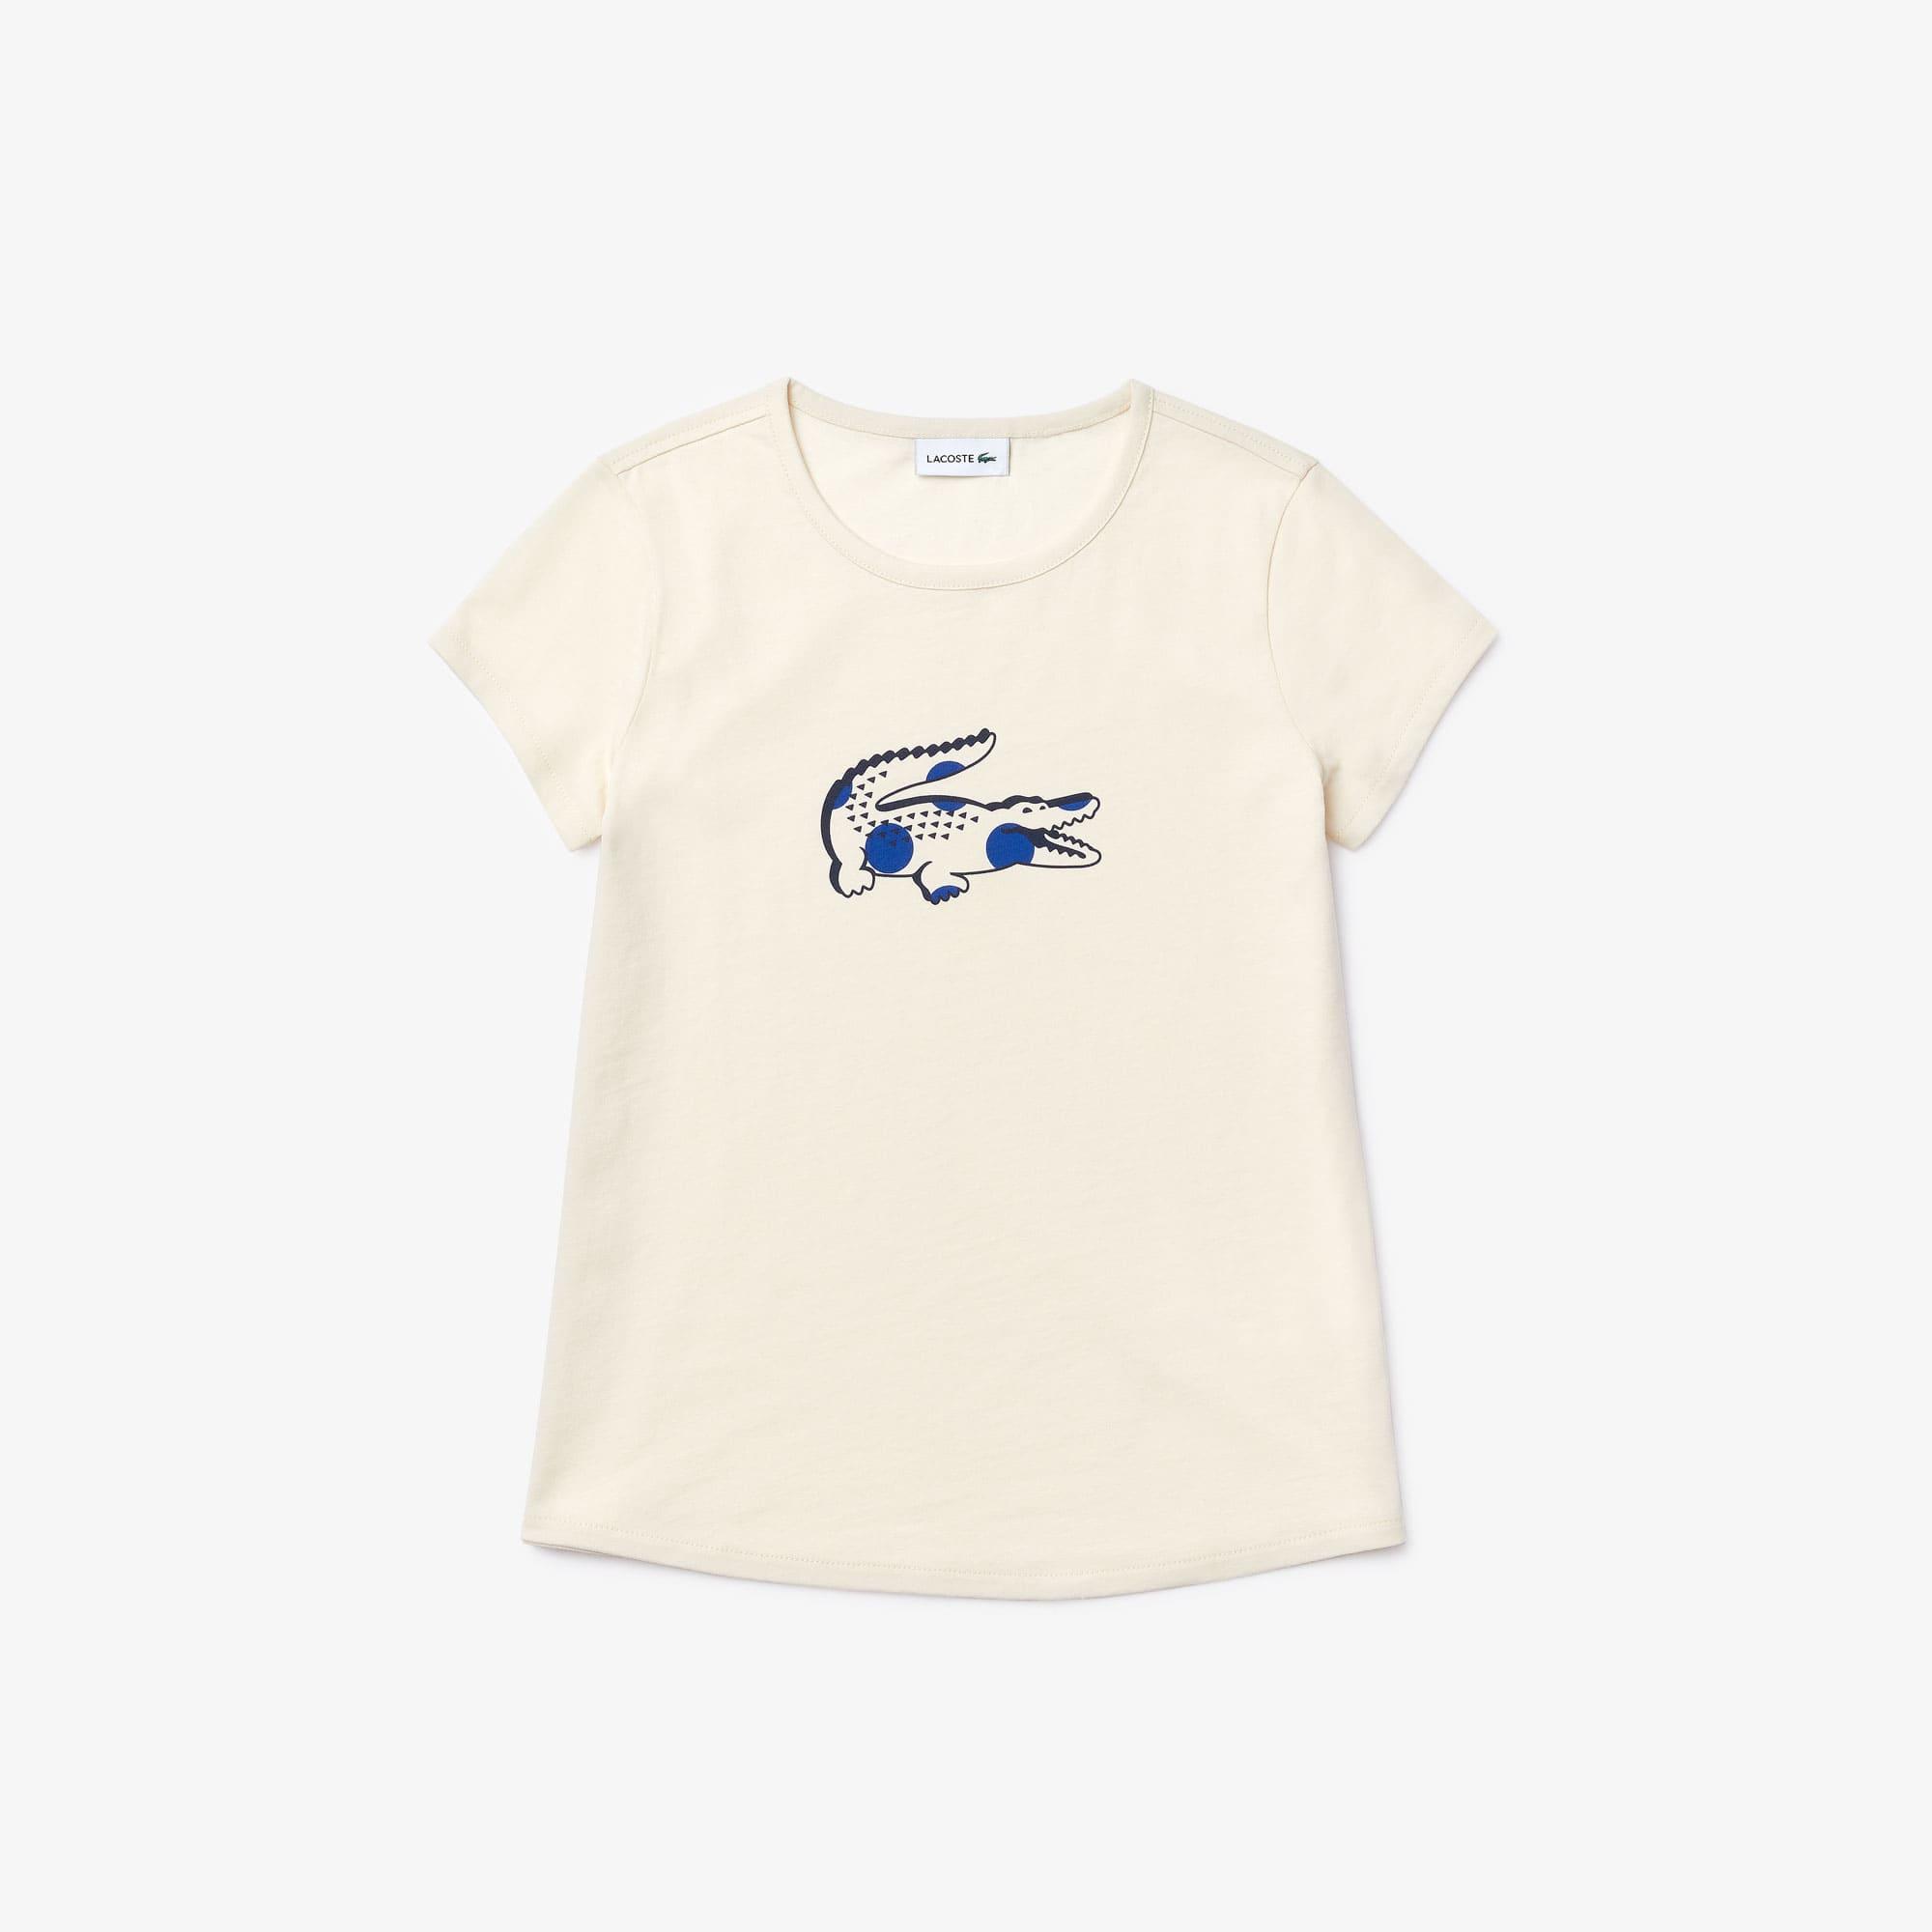 Mädchen-T-Shirt aus Baumwolle mit Aufdruck